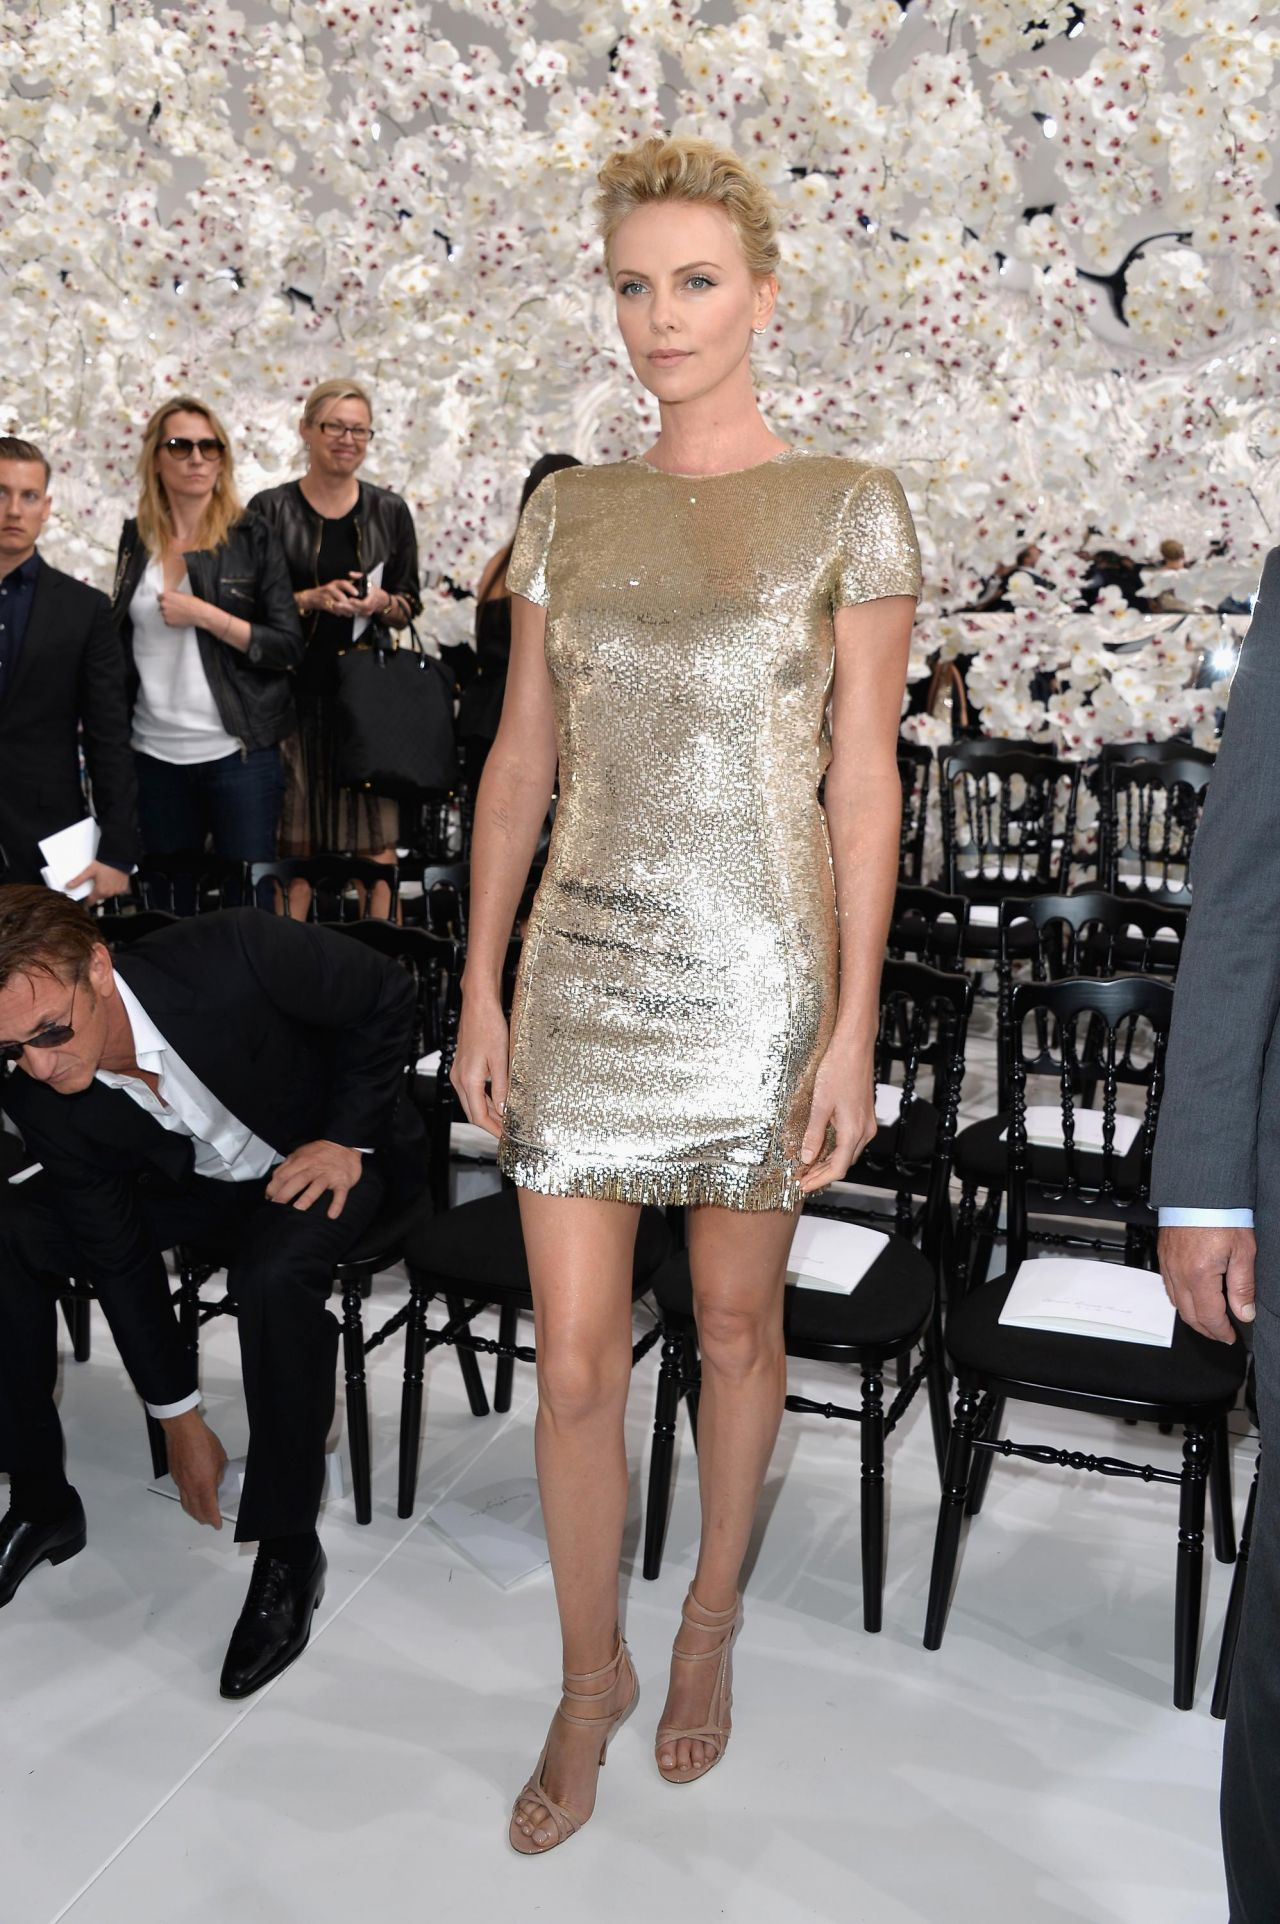 Christian Dior Fashion Show During Paris